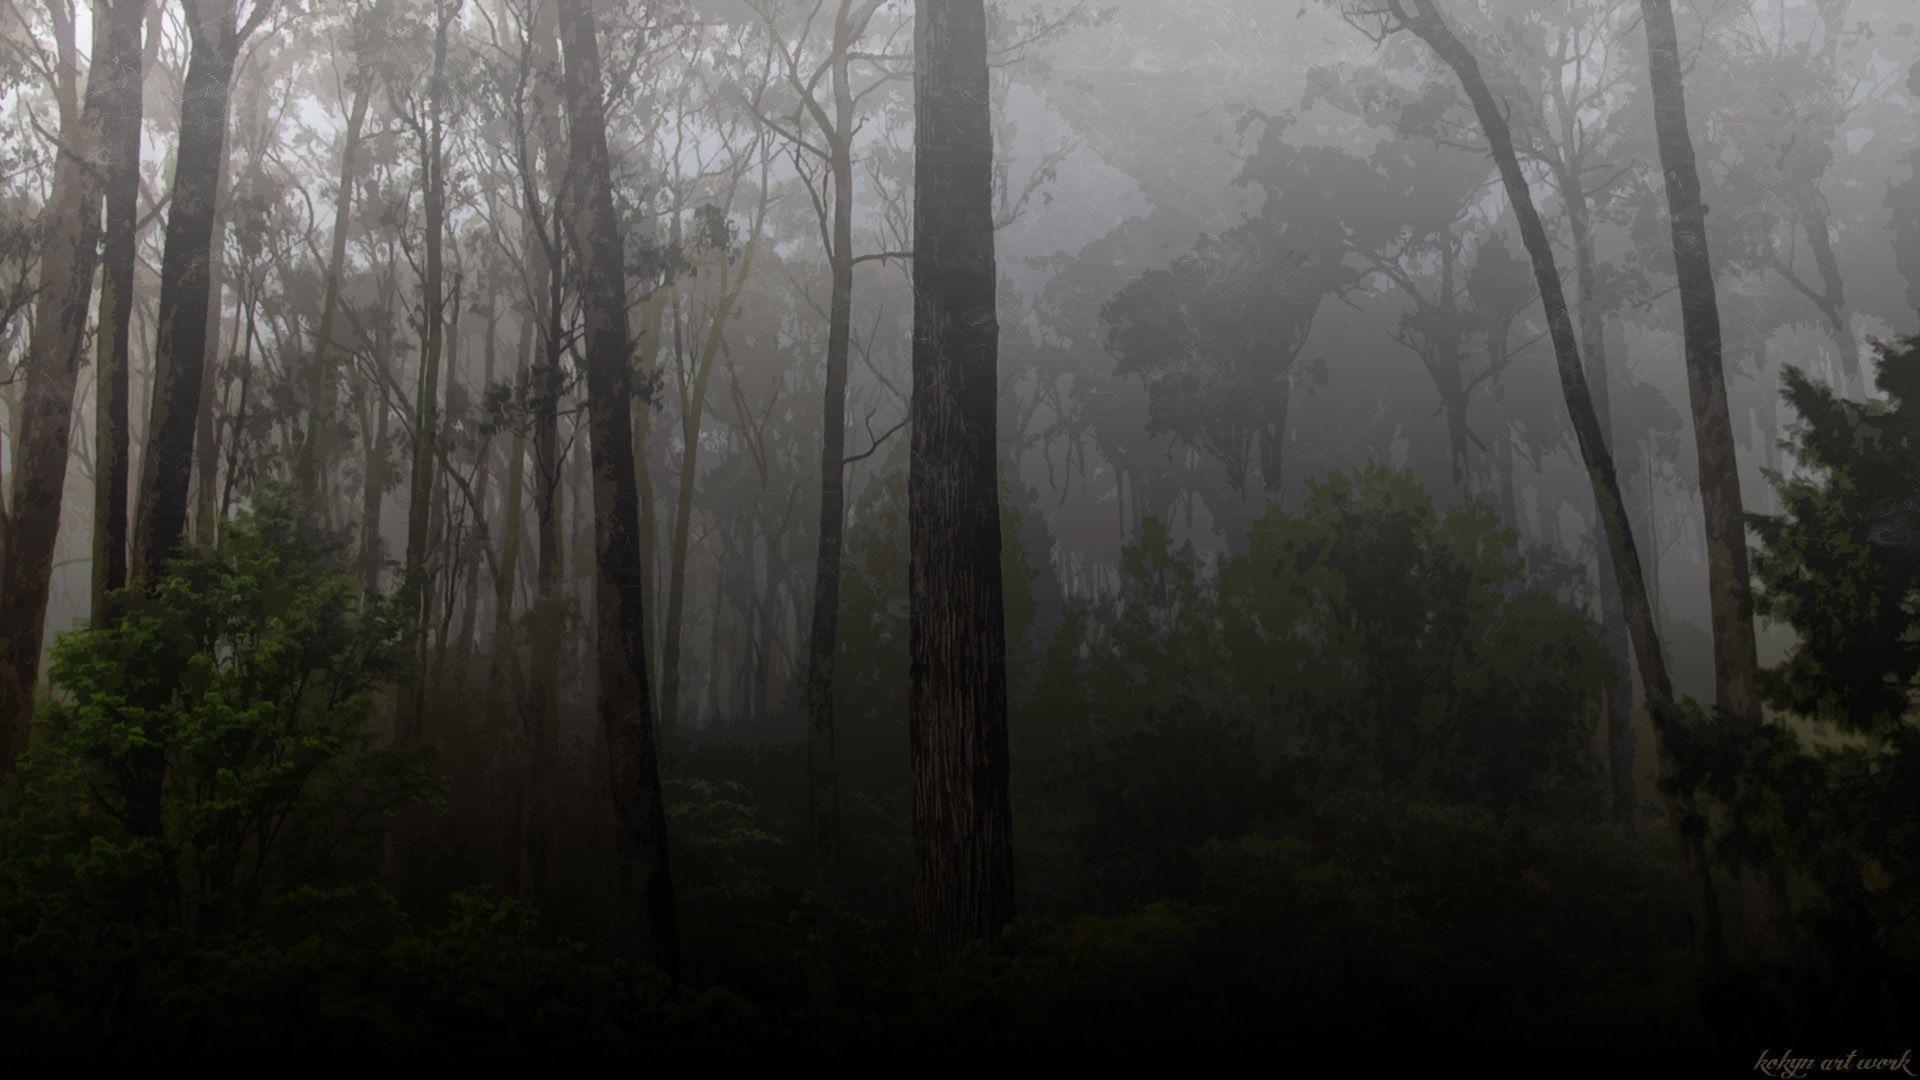 dark forest widescreen wallpaper - photo #36